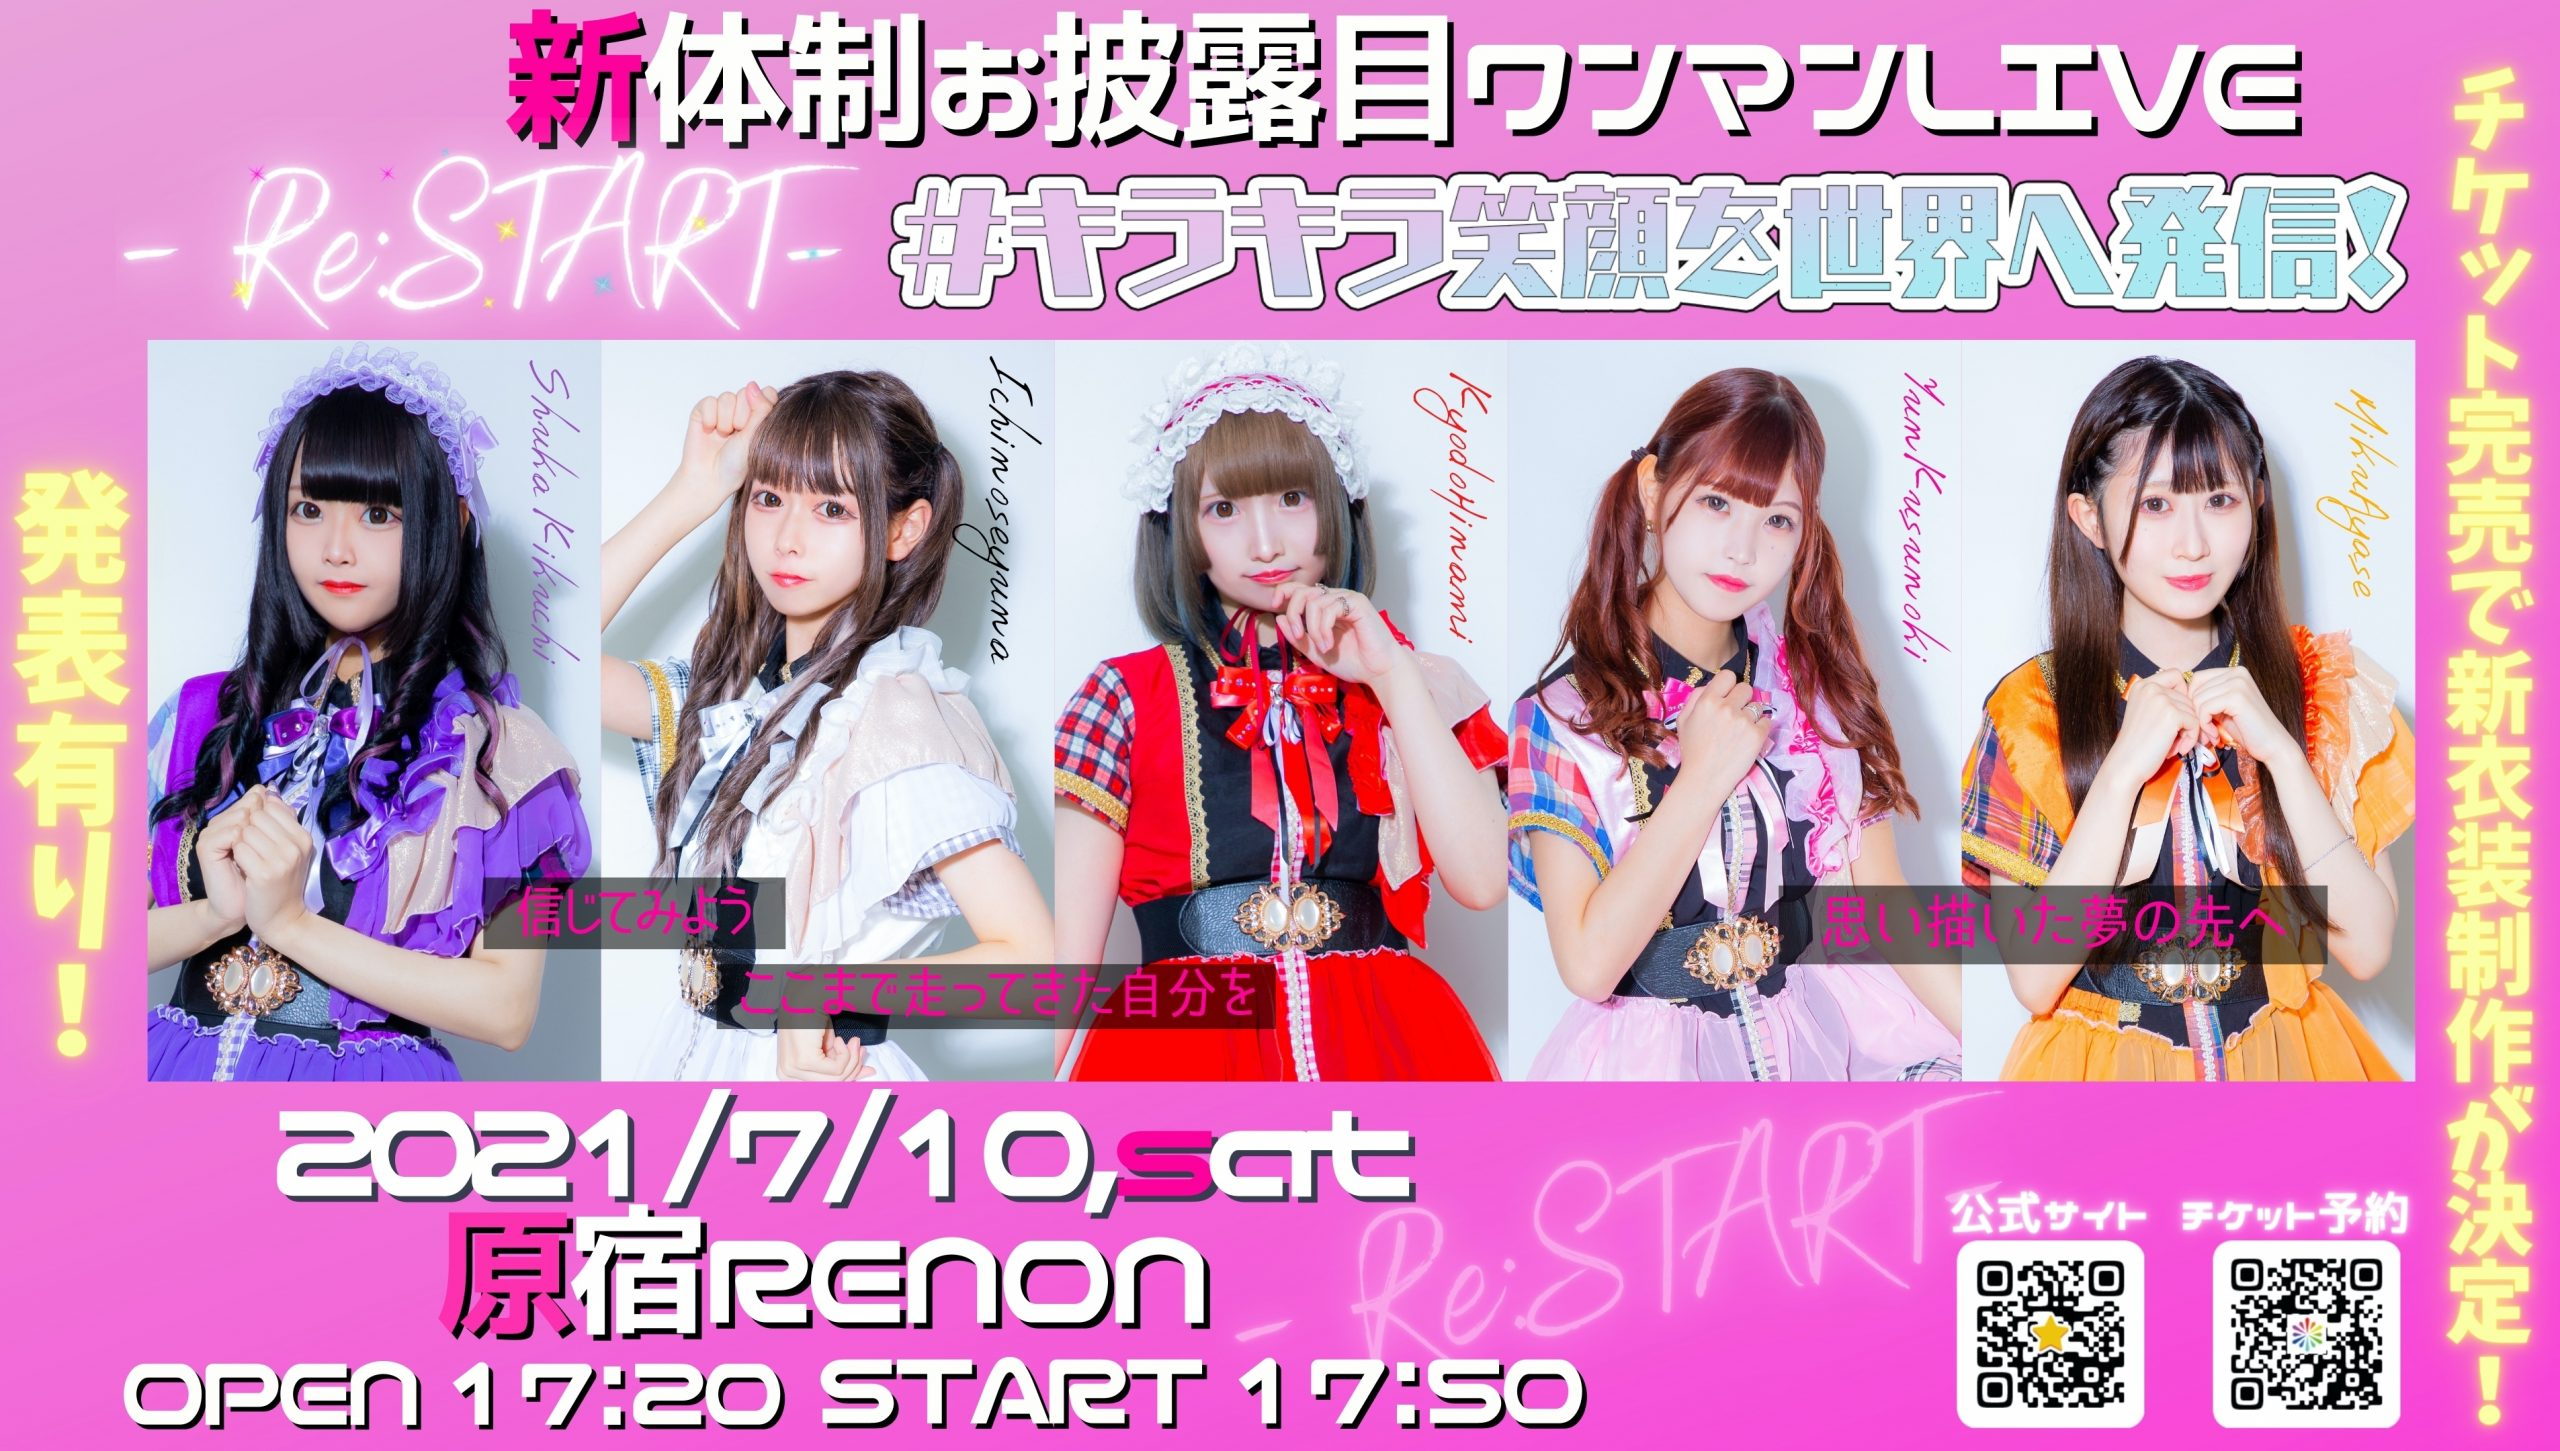 【2021年7月10日(土)Straly☆新体制お披露目ワンマンLIVE -Re:START- #キラキラ笑顔を世界へ発信! 開催情報】